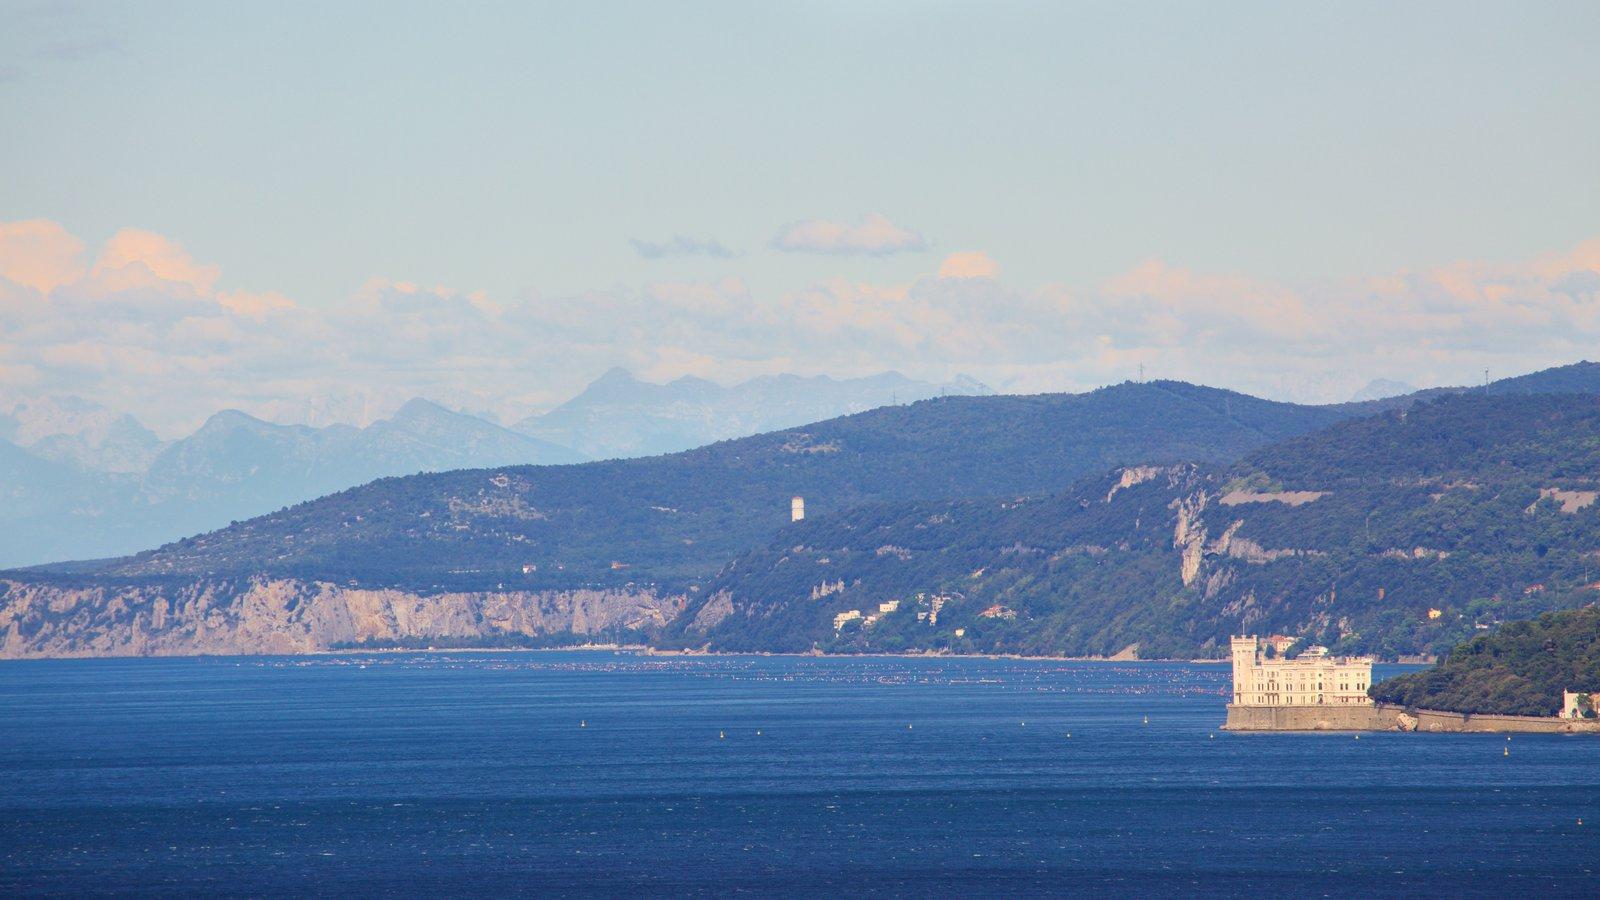 Miramare Castle showing general coastal views